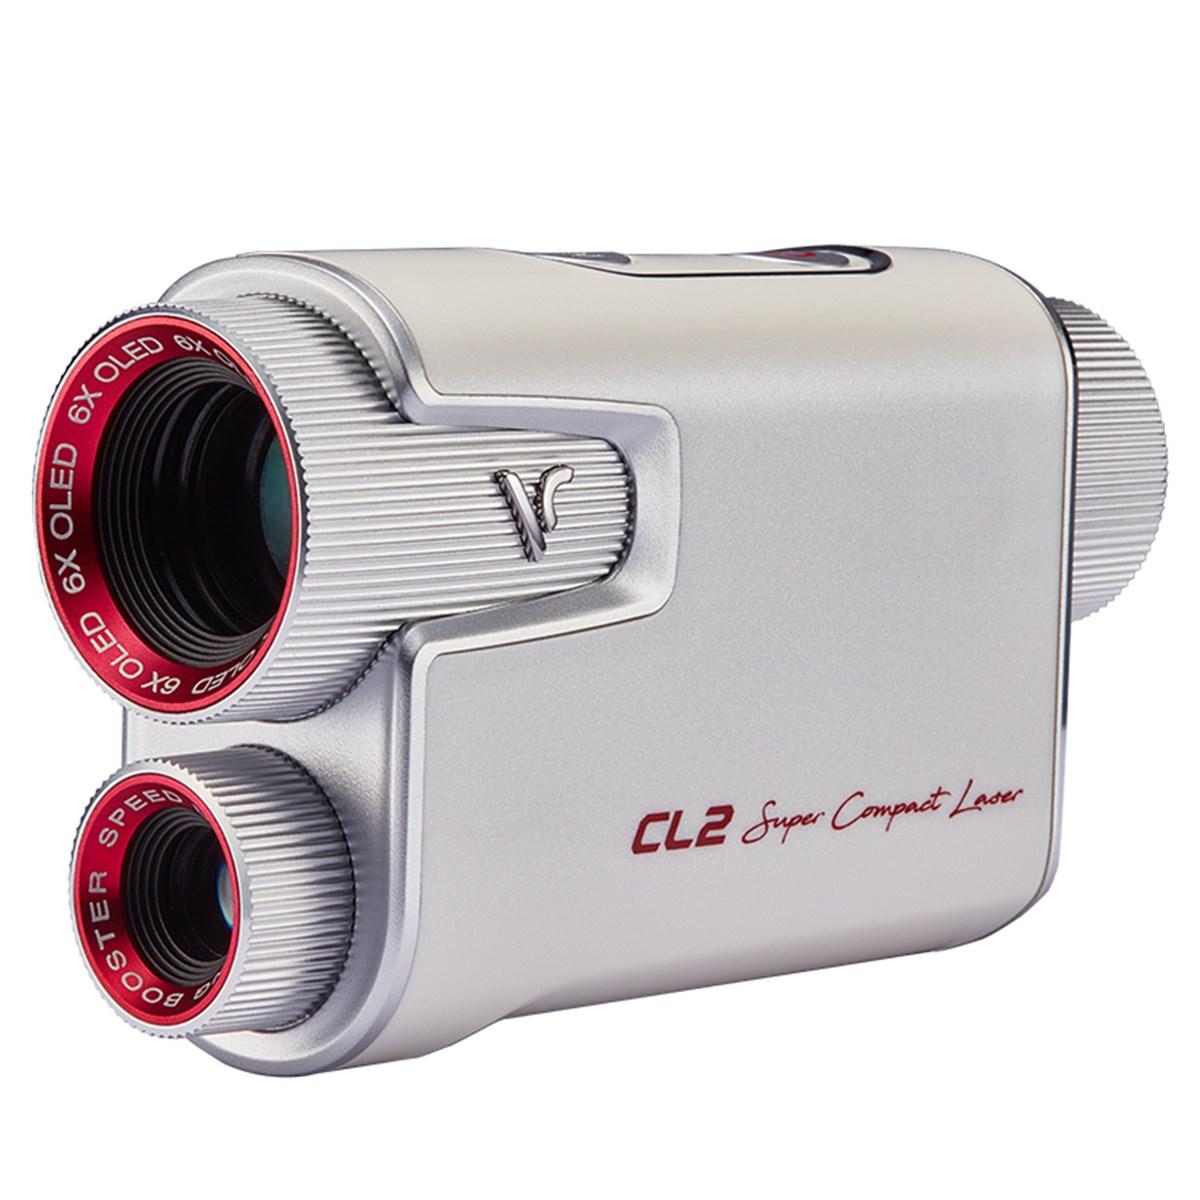 ボイスキャディ CL2 距離測定器